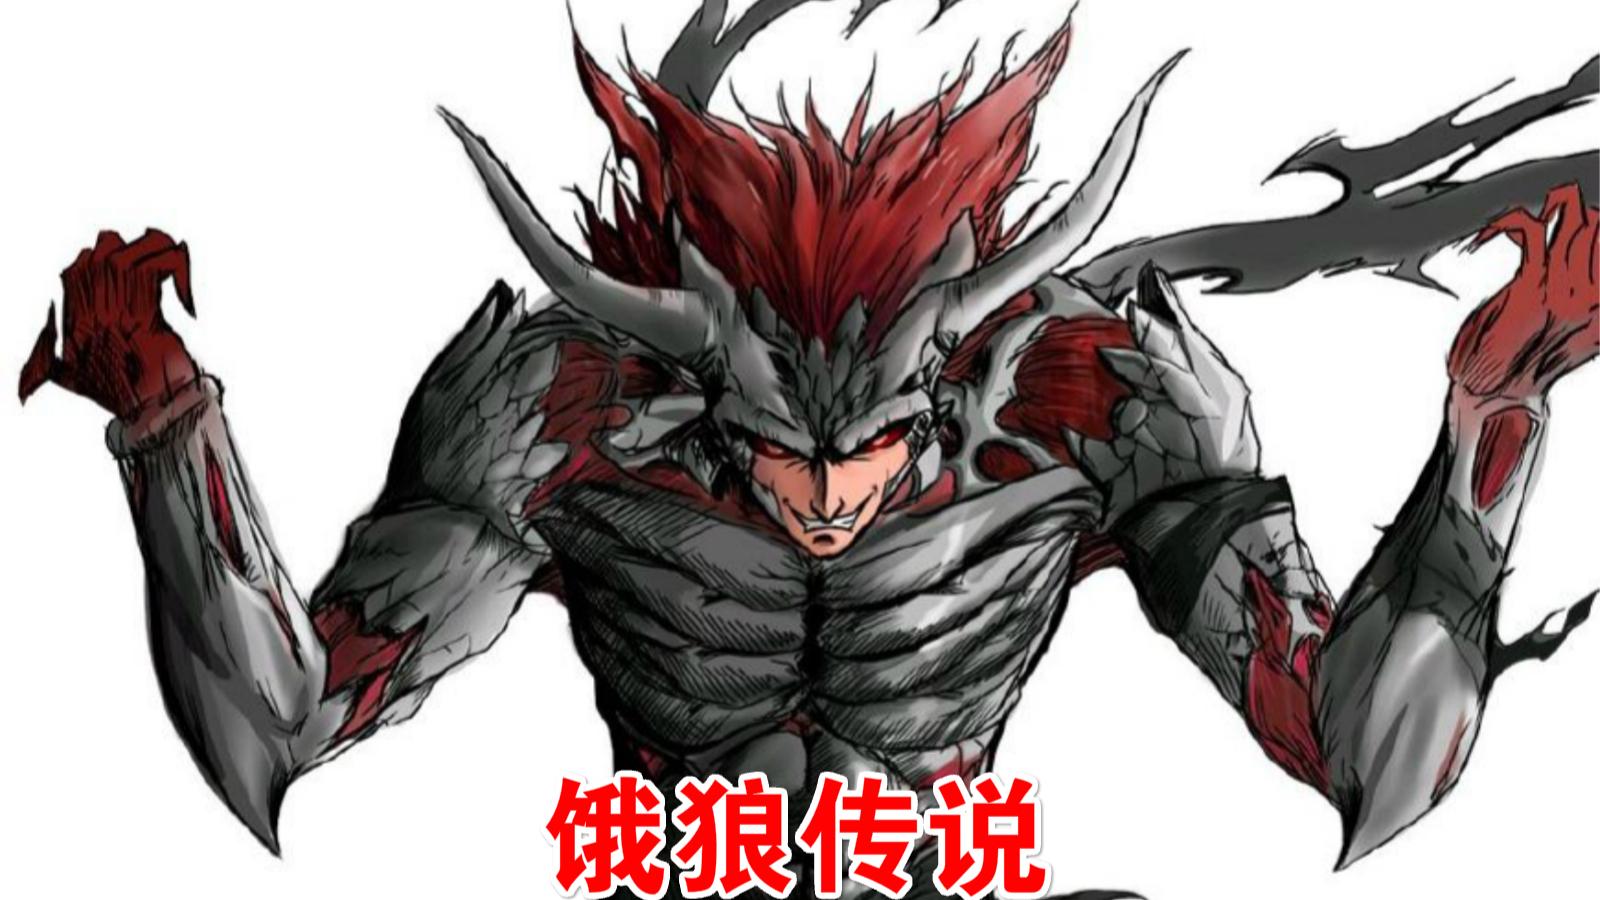 一拳超人:秒杀龙级,站在顶点的反派!饿狼到底有多强?【独家】